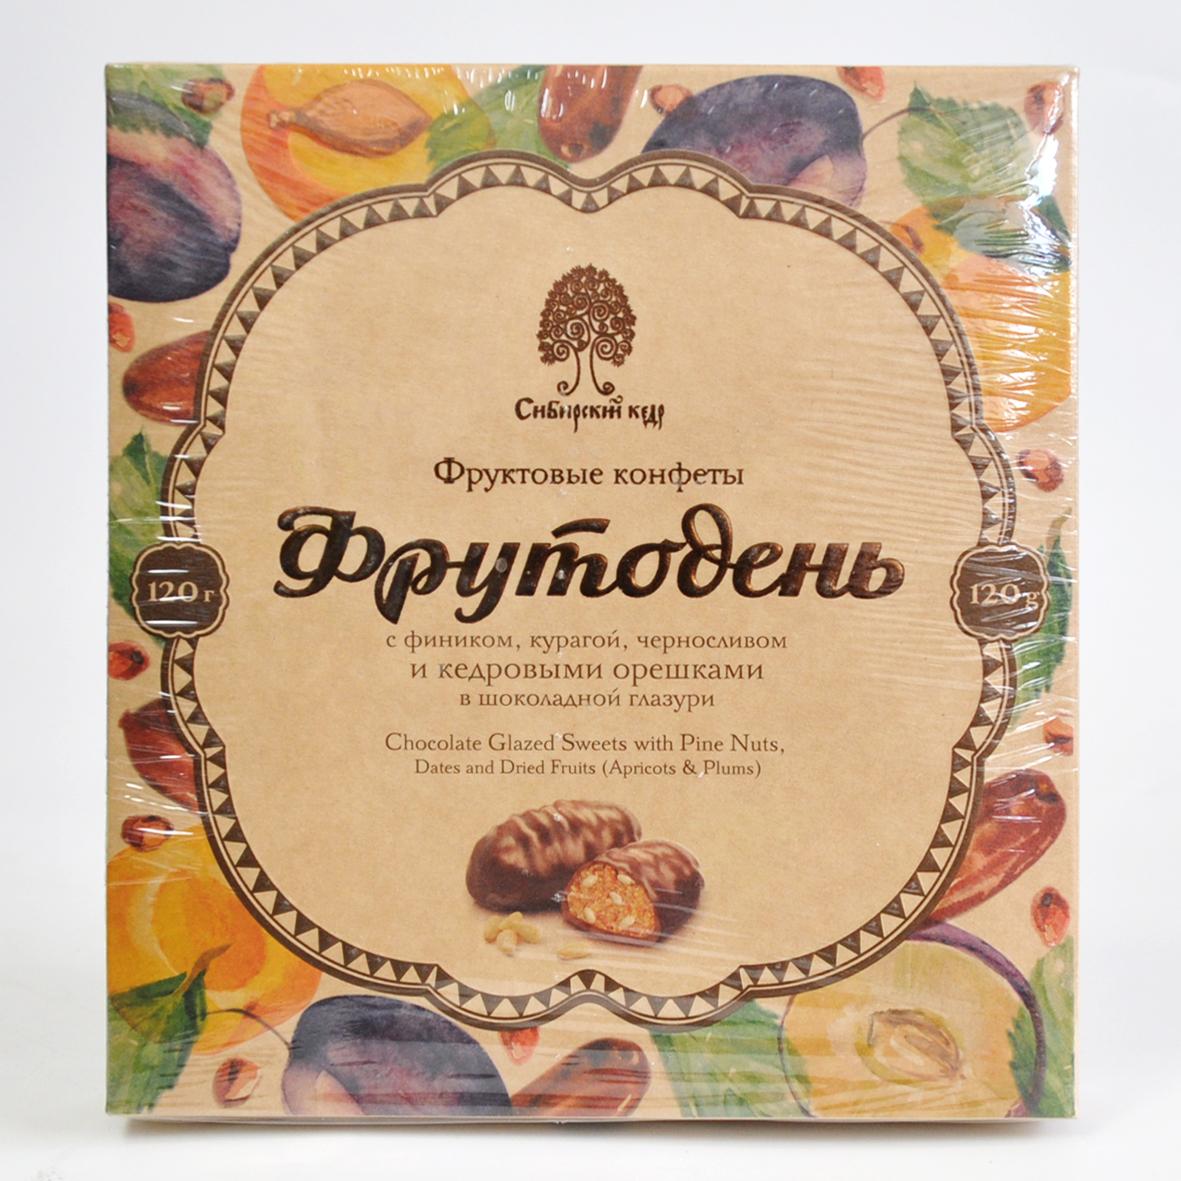 Конфеты Фрутодень с кедровыми орешками в шоколадной глазури Сибирский Кедр 120 г